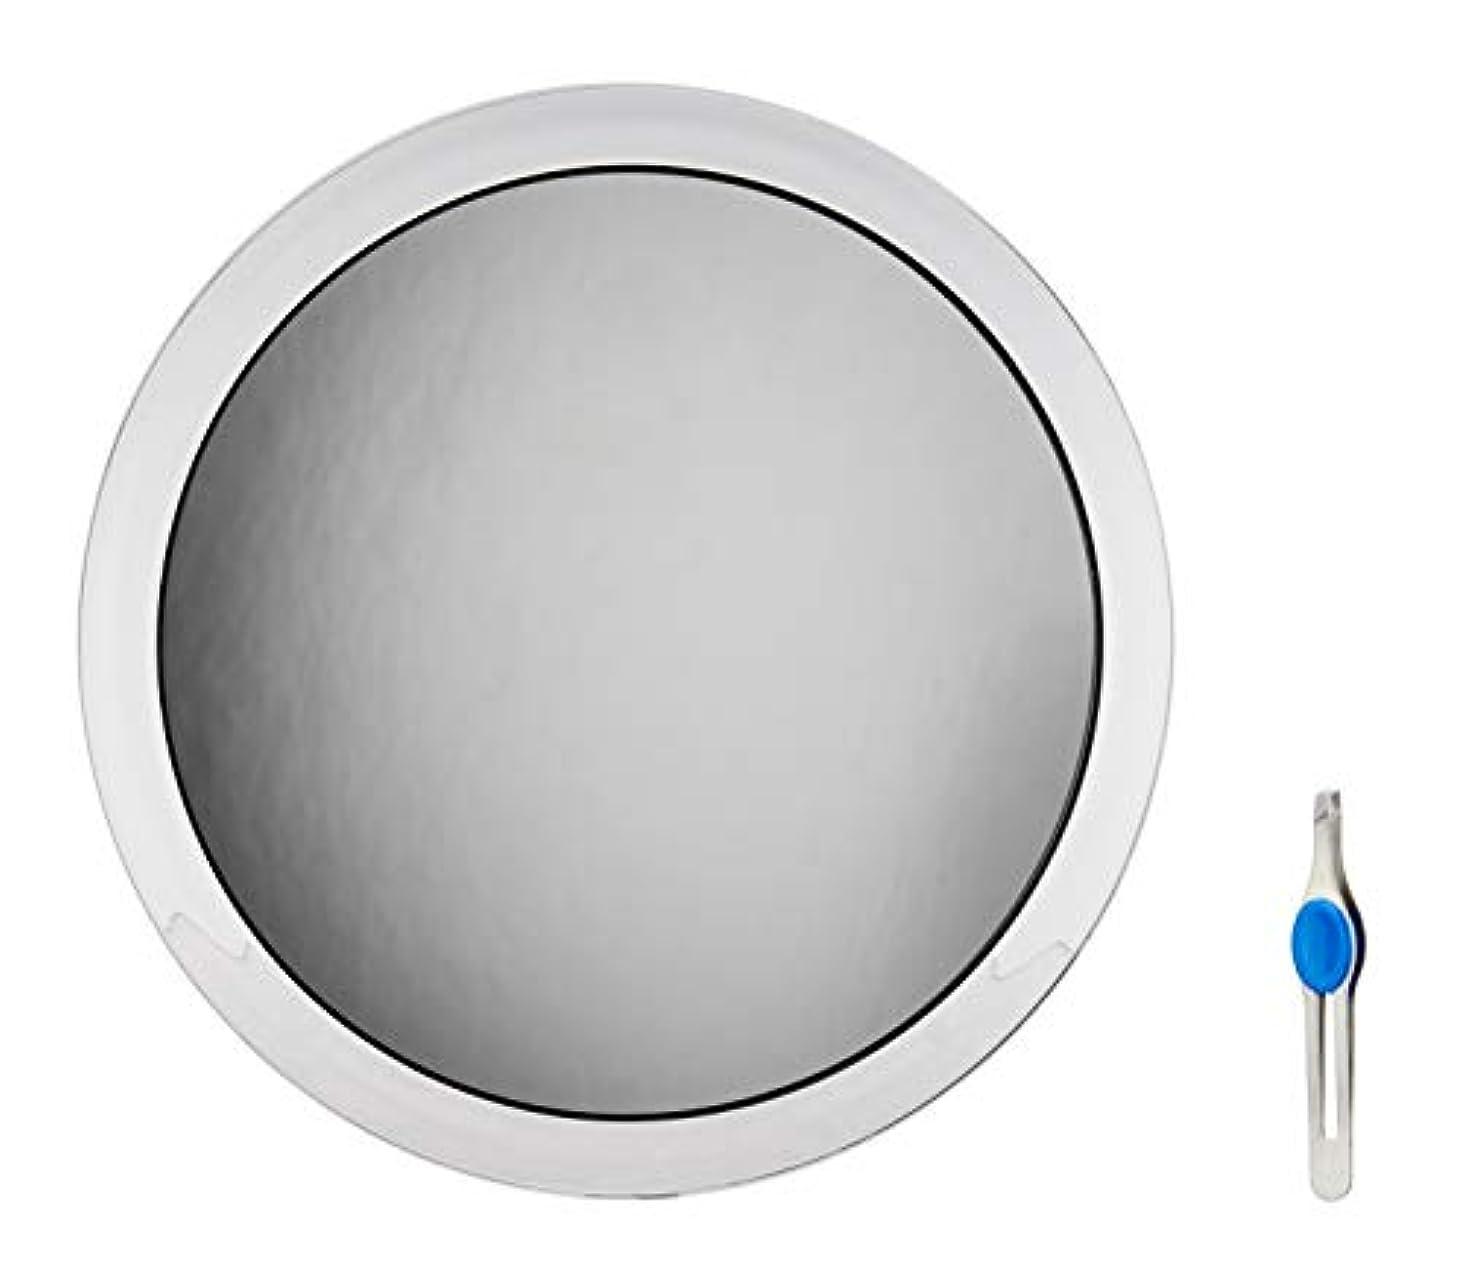 残り物バリア寝室DBTech 25cm 倍率8倍 拡大ミラー (裏面に吸盤3つ付), 精密ピンセット付属